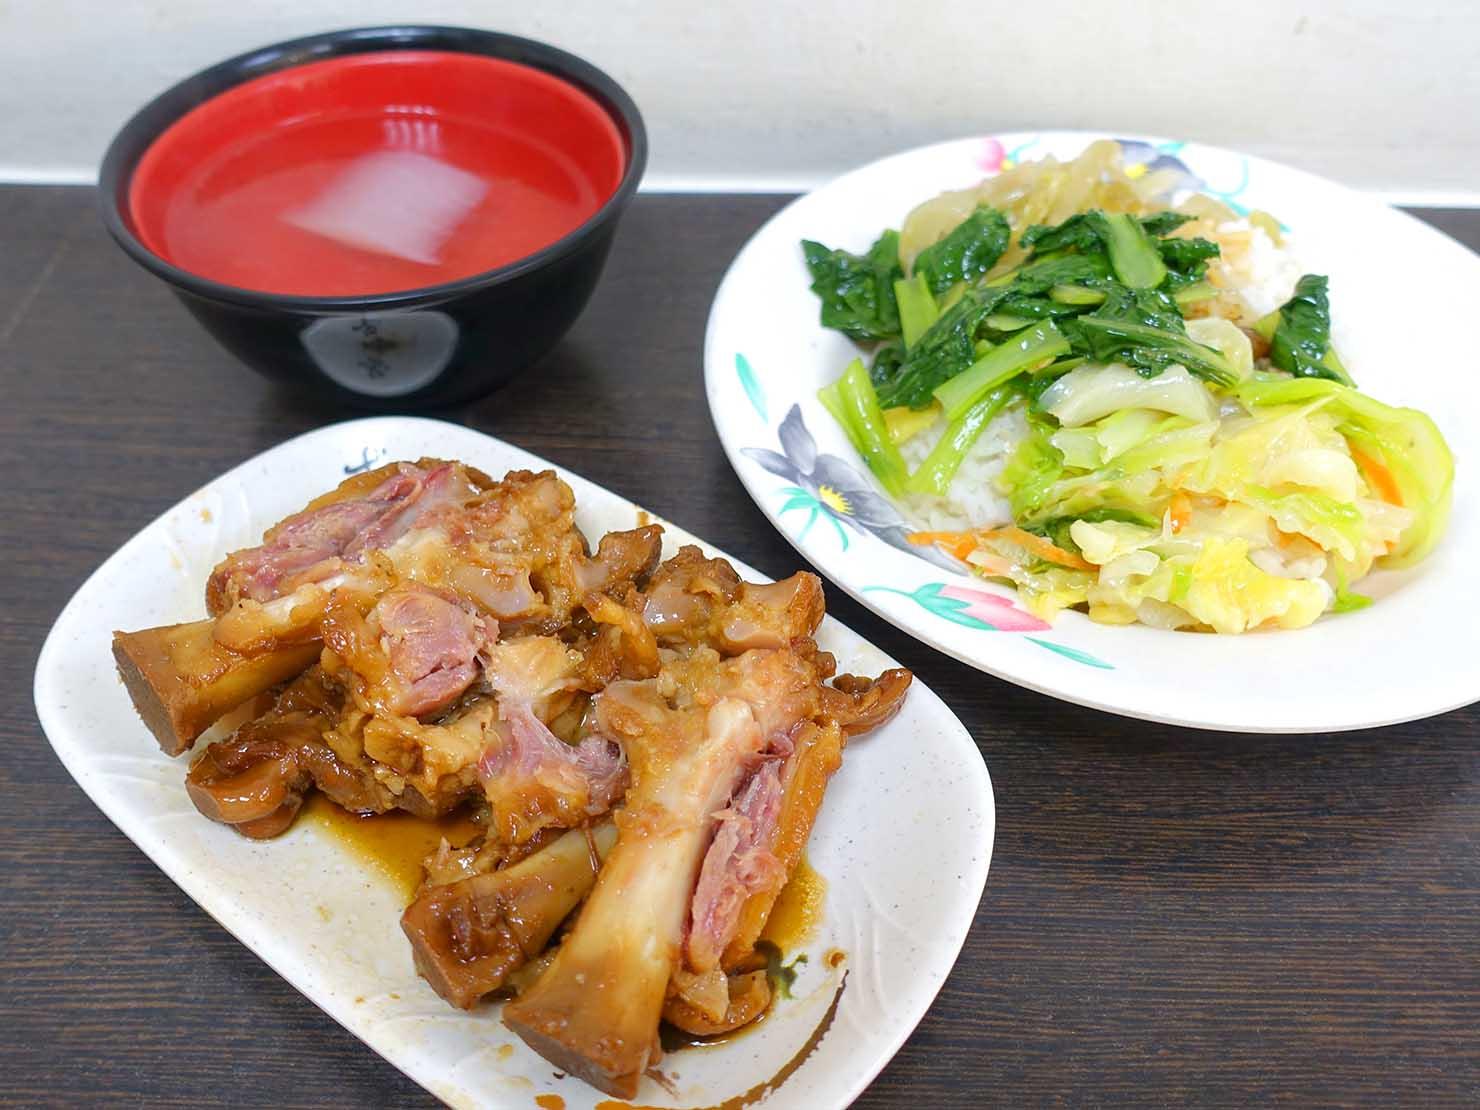 台北・西門町のおすすめグルメ店「金滿園排骨」の豬腳飯